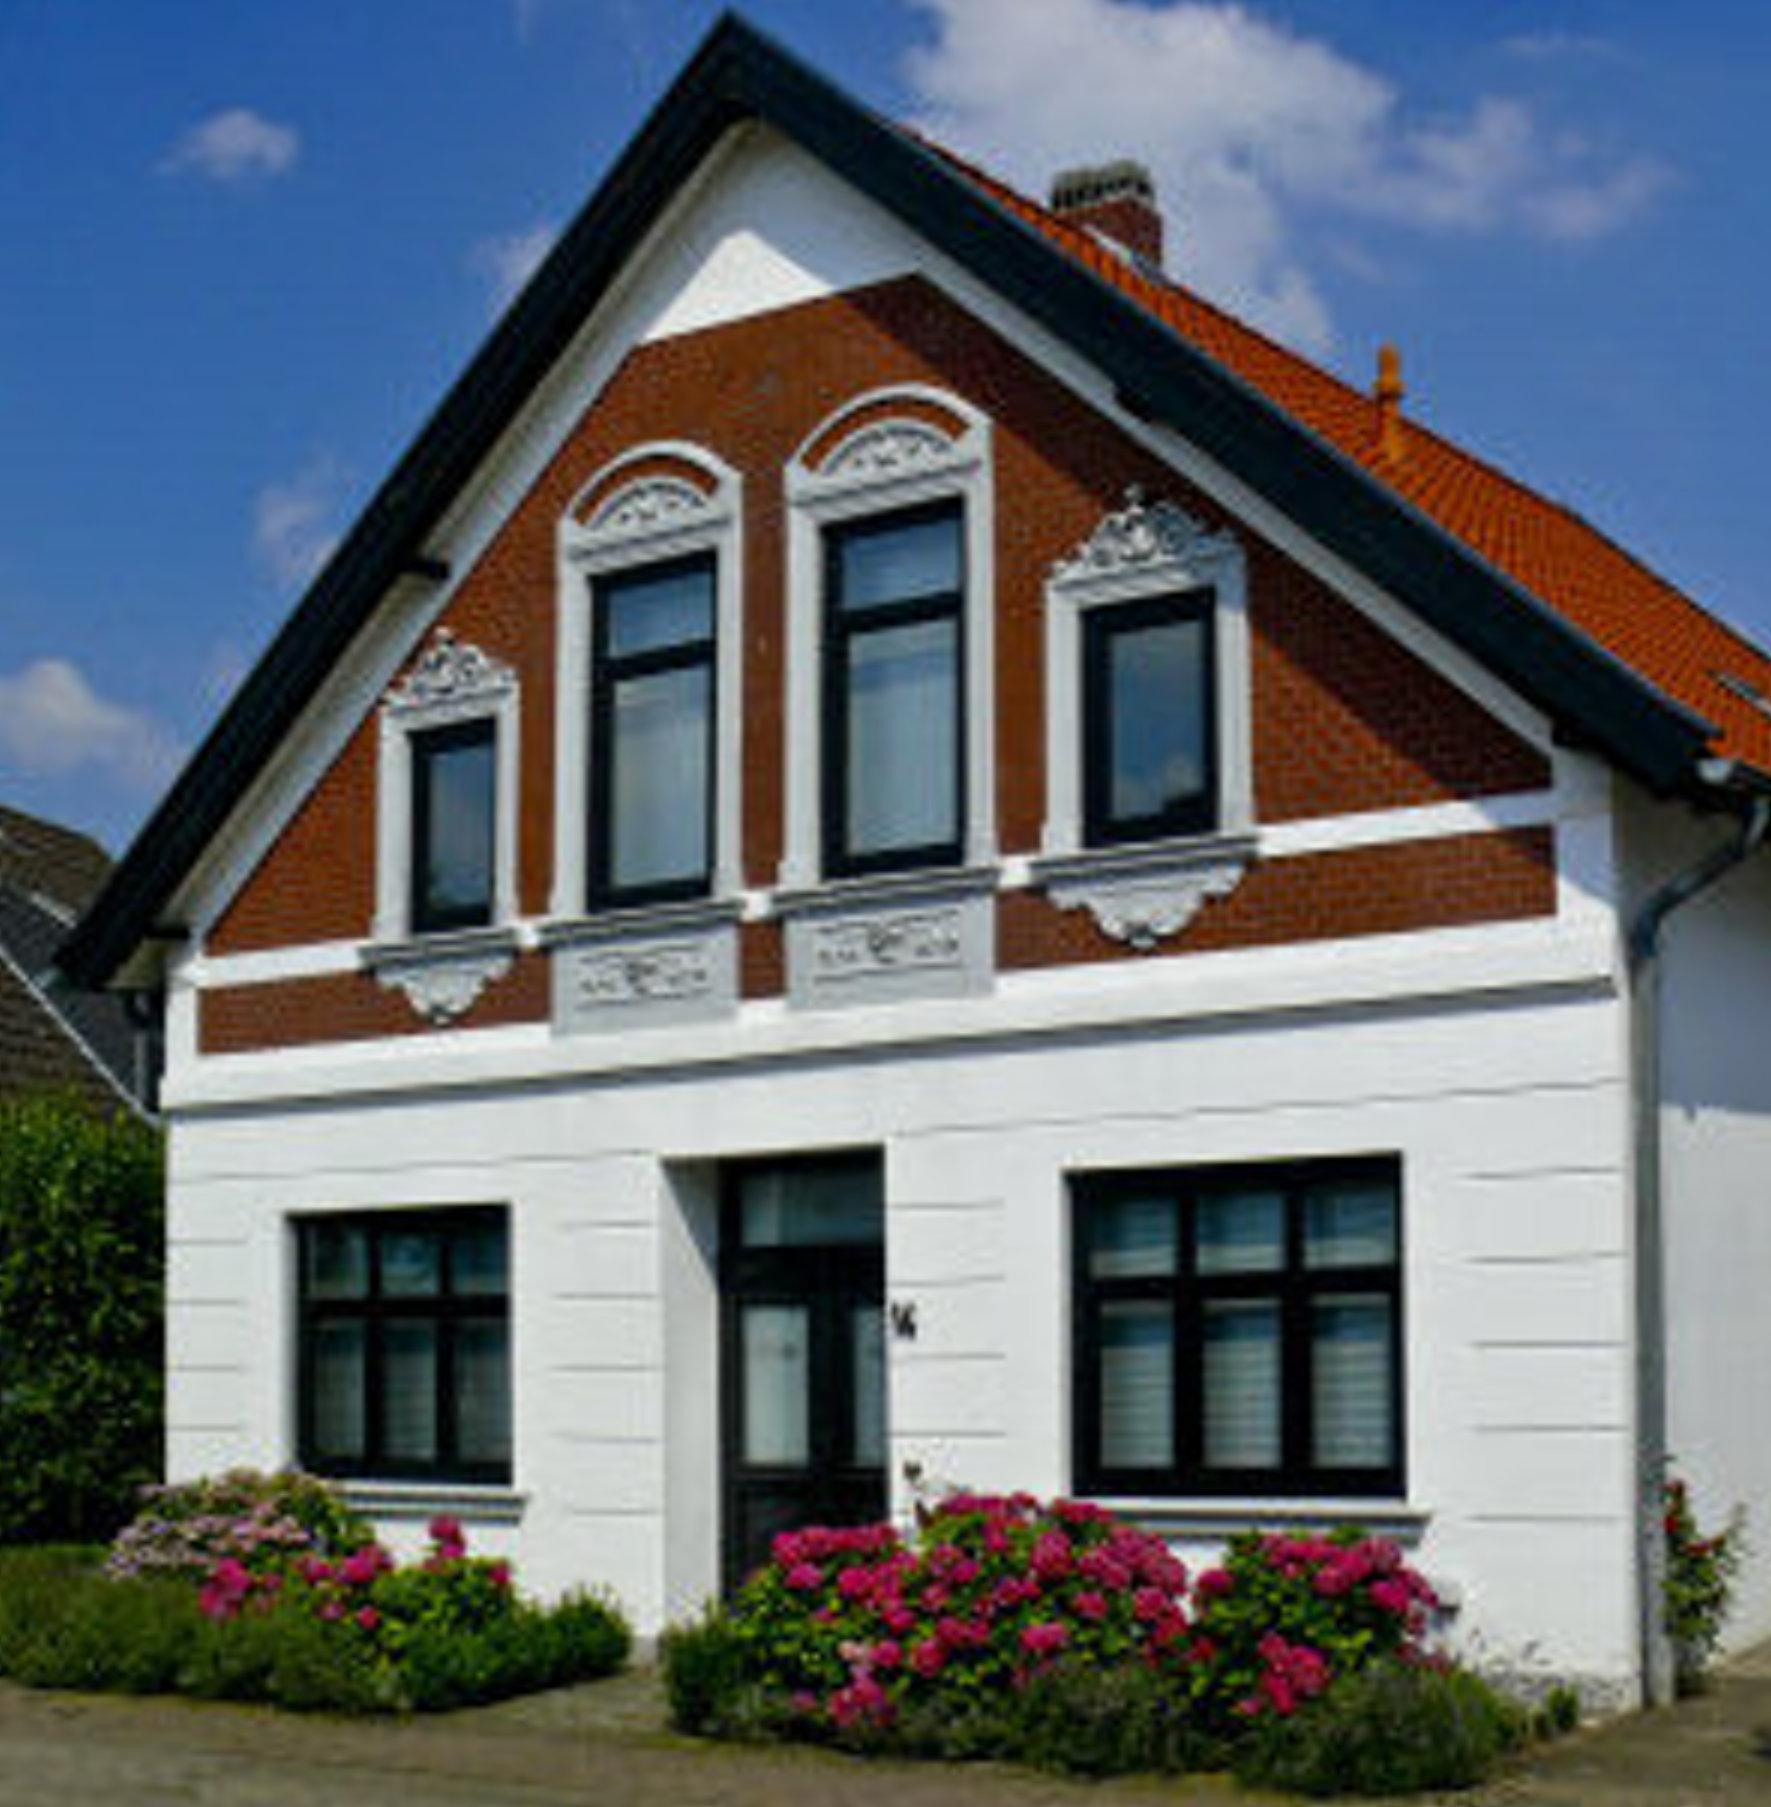 Das haus lindenstra e 14 in delmenhorst for Ferienwohnung delmenhorst